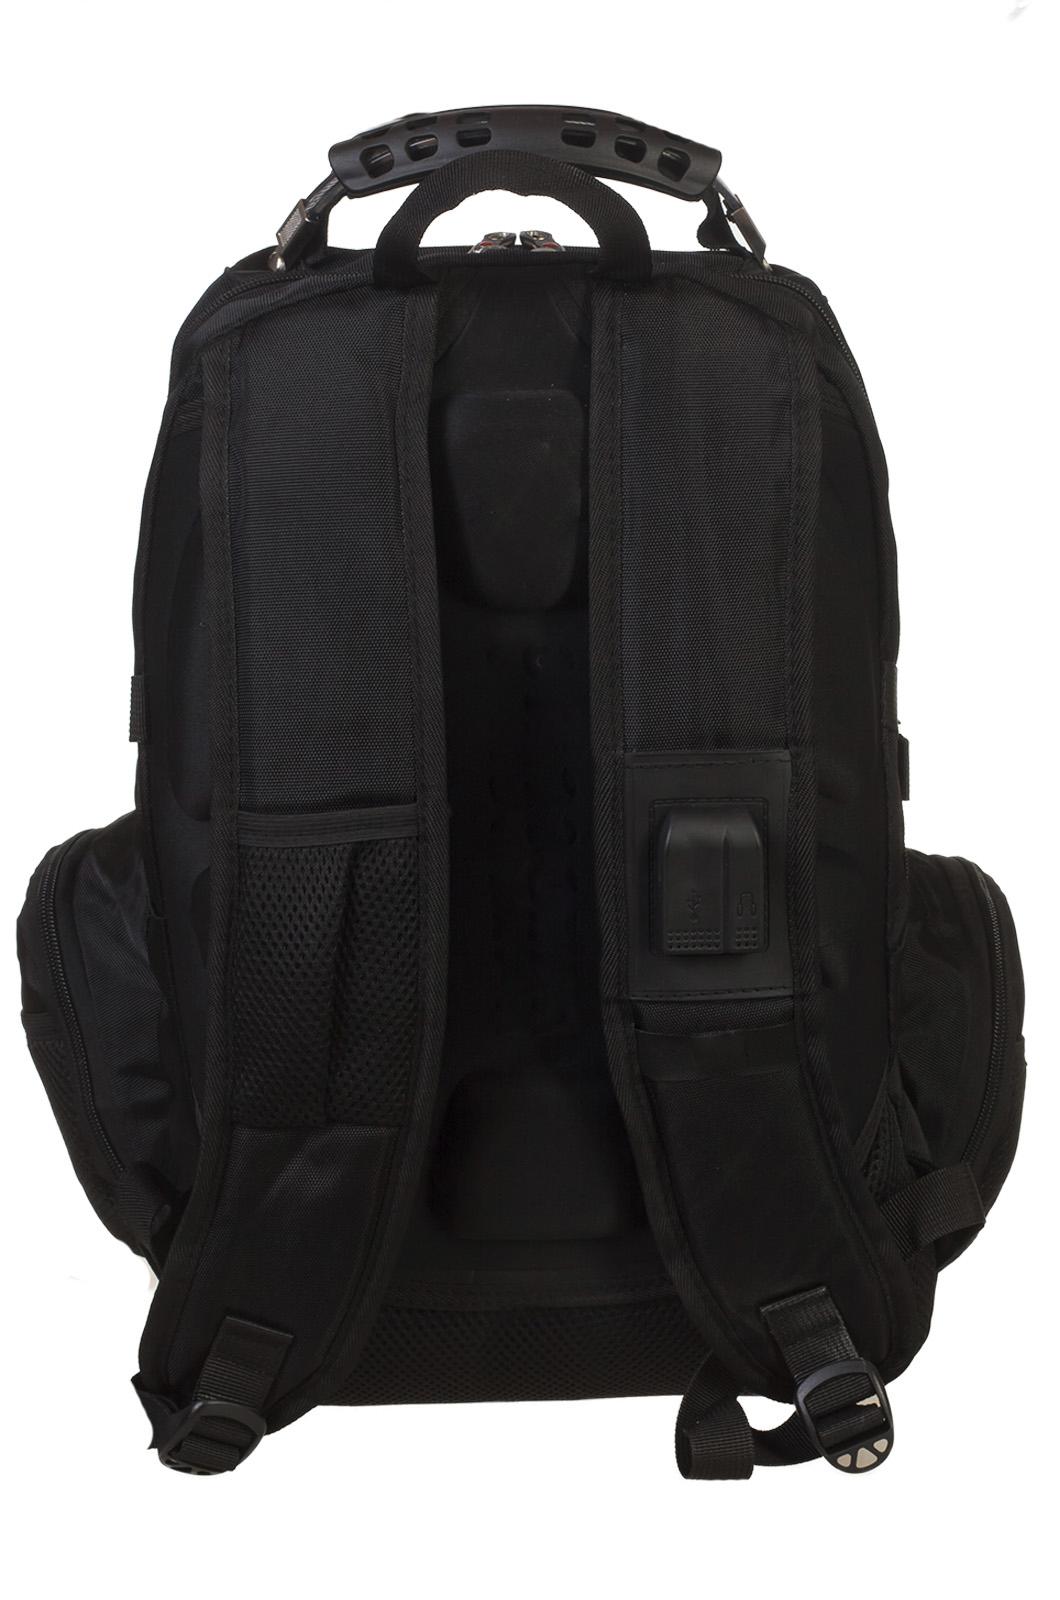 Надежный крутой ранец-рюкзак с нашивкой Войсковая Разведка - купить в розницу